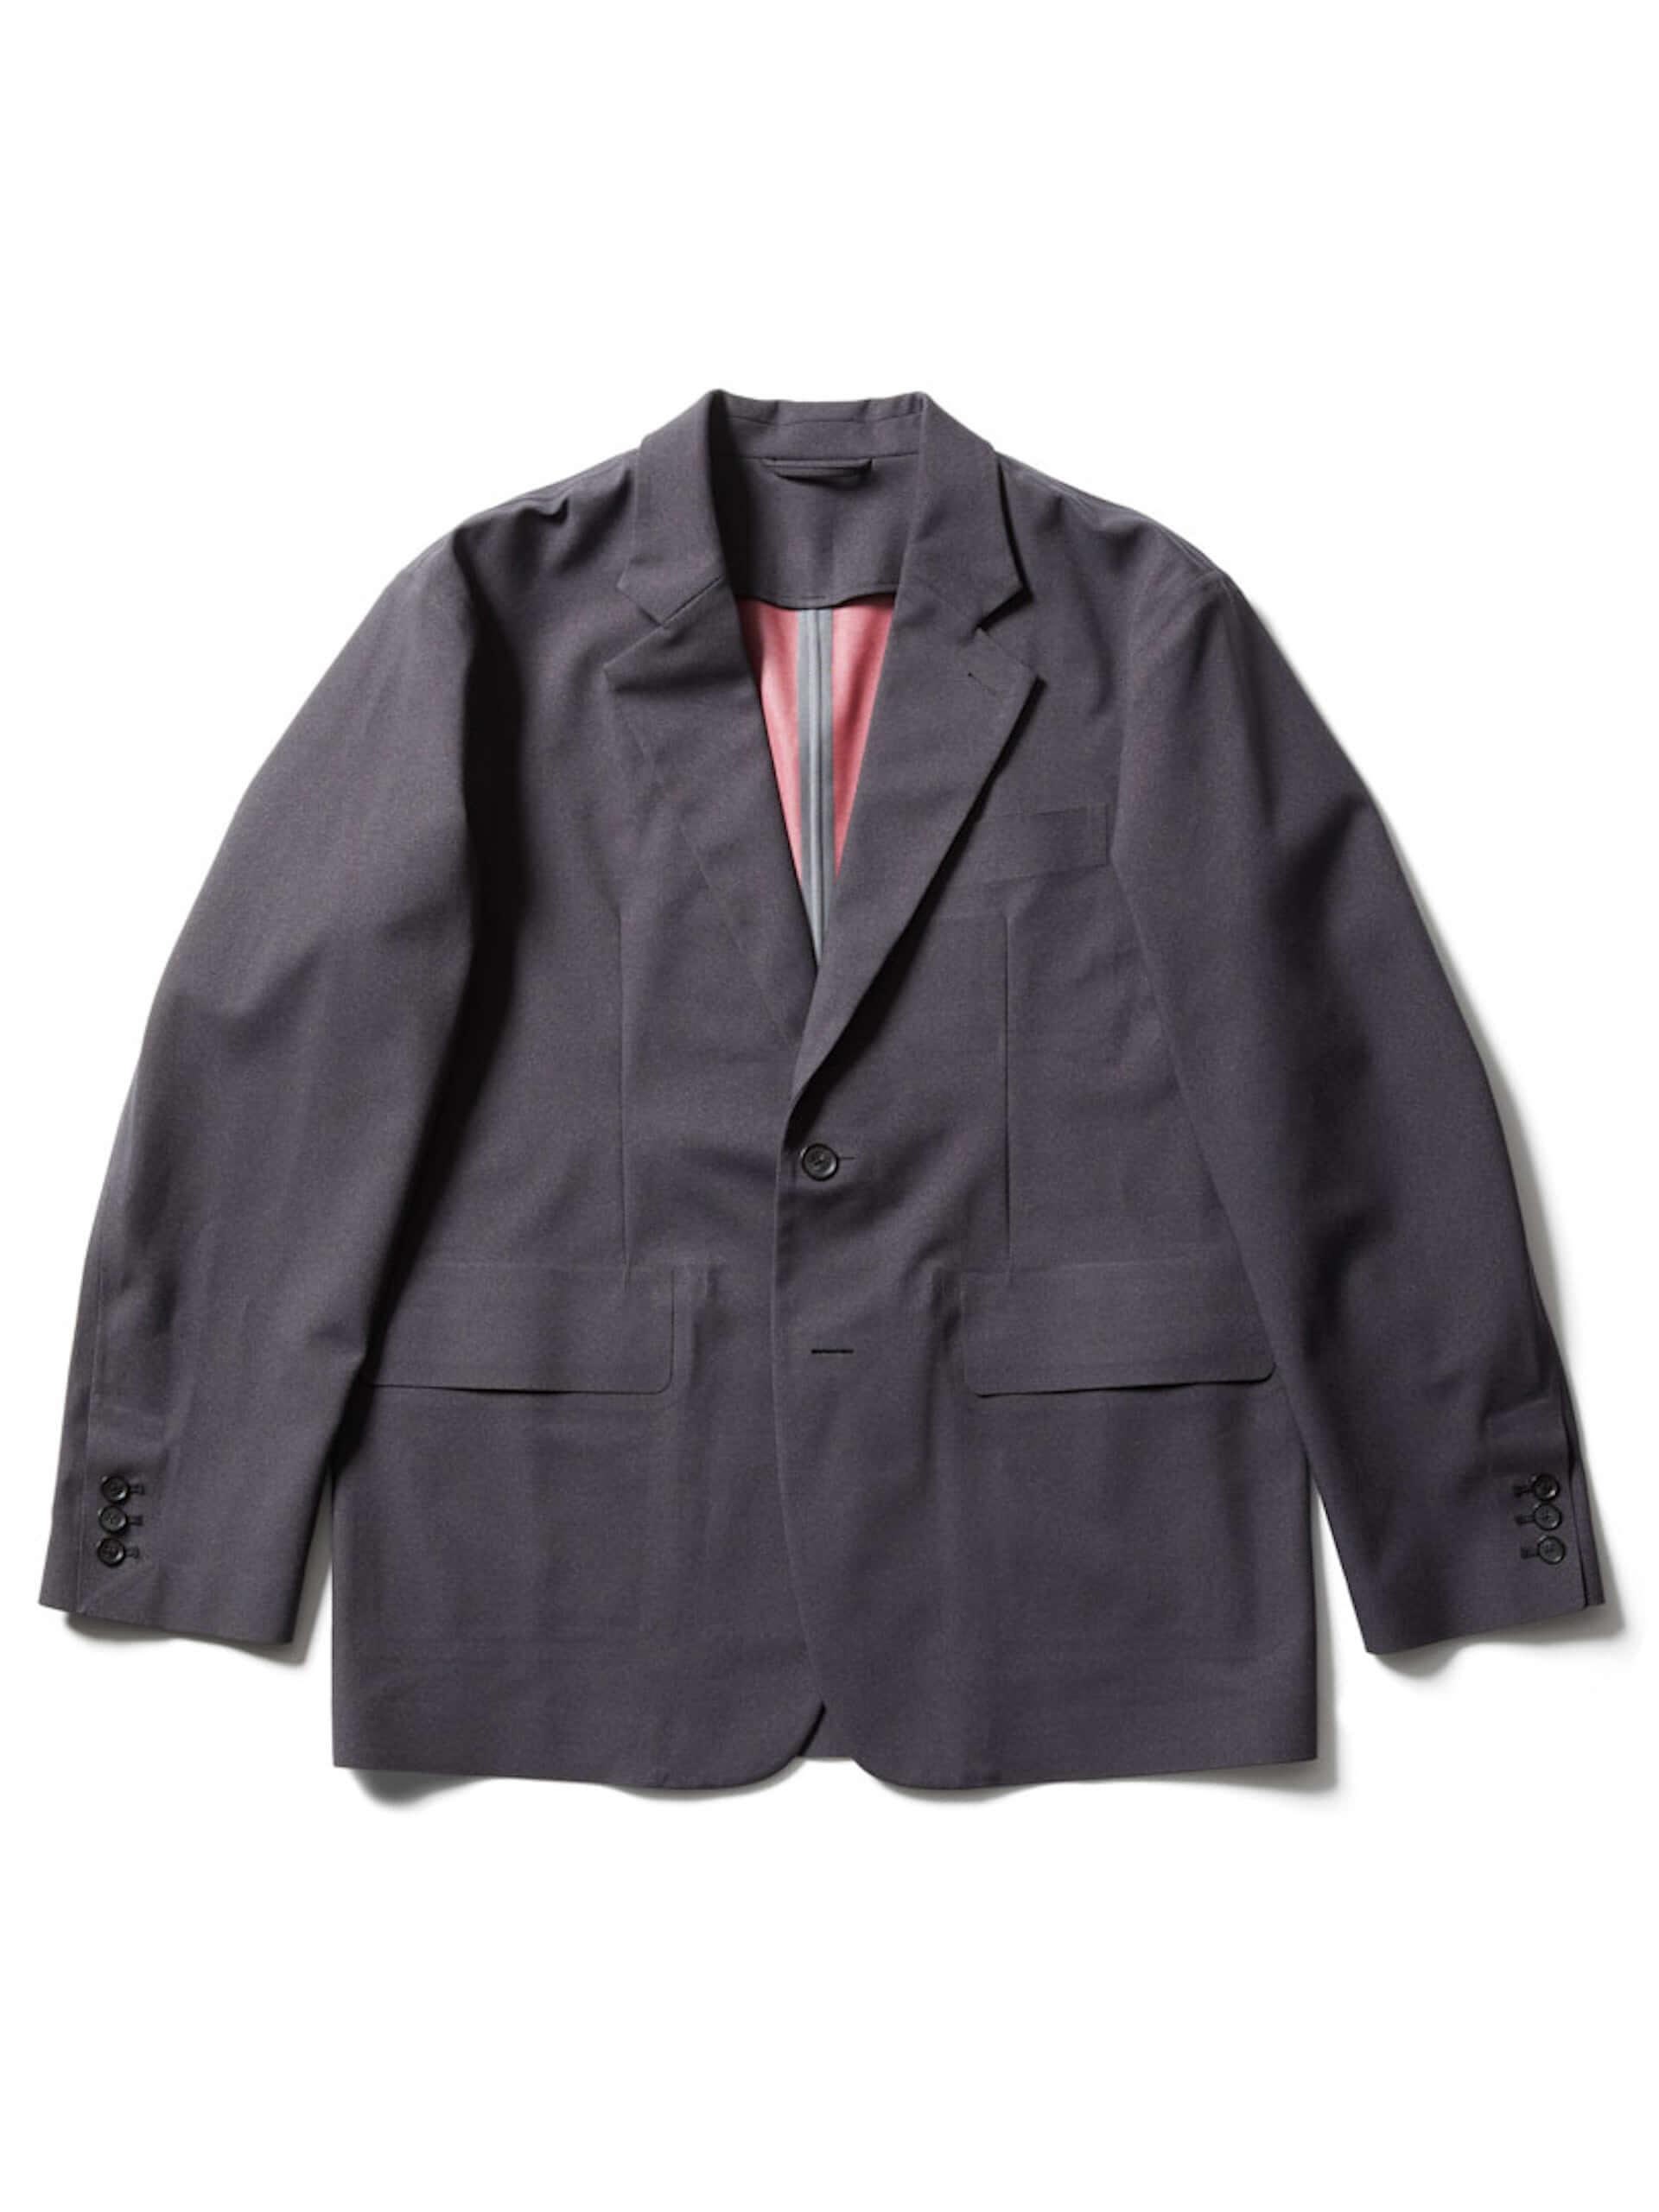 フィッシングにも最適!D-VECから防寒性に優れたジャケットやベスト、パーカーなど最新アイテムが登場 lf210107_d-vec_1-1920x2560